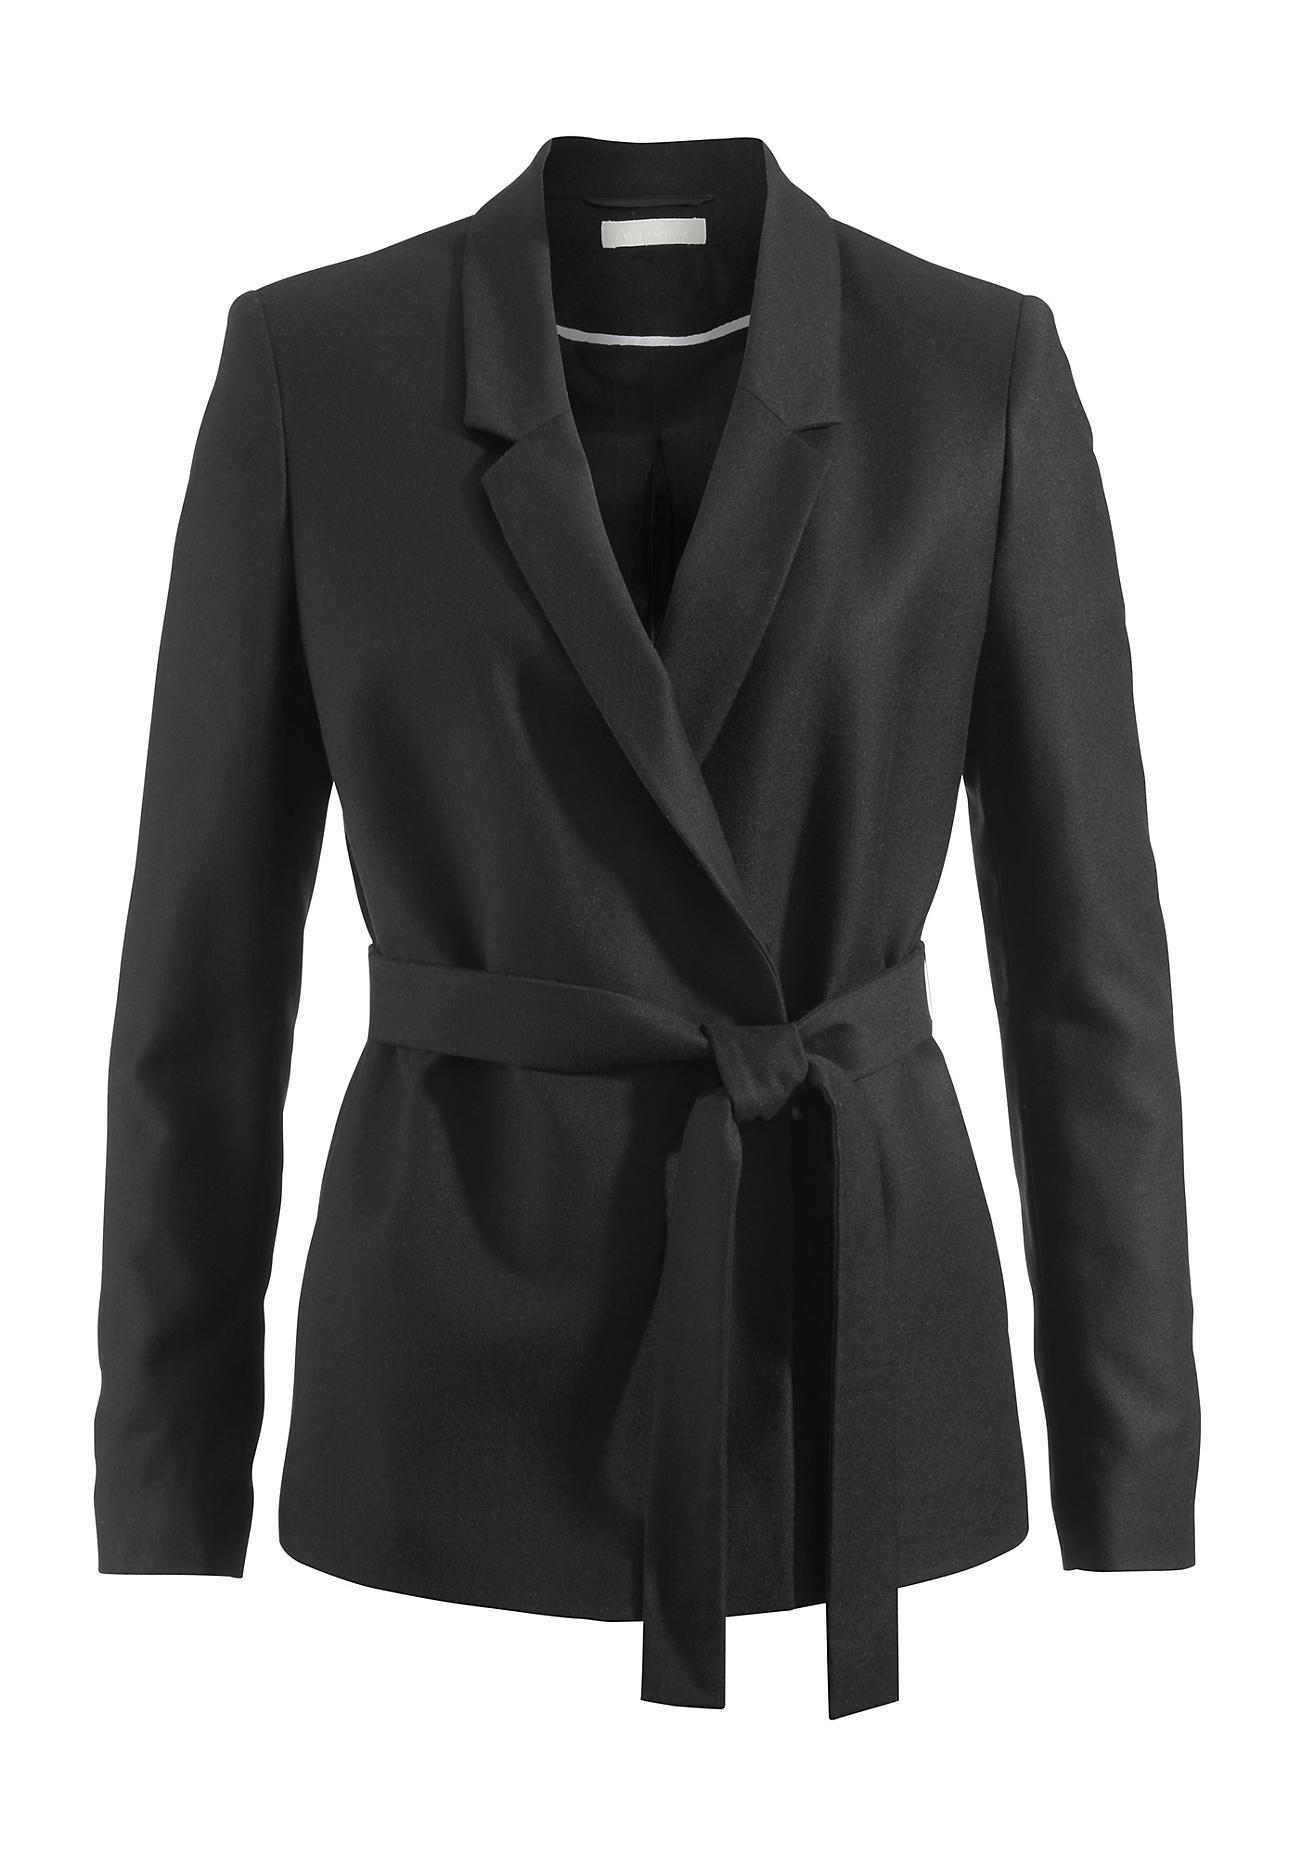 hessnatur damen blazer aus schurwolle schwarz gr e 46 outlet blazer blusen tuniken. Black Bedroom Furniture Sets. Home Design Ideas